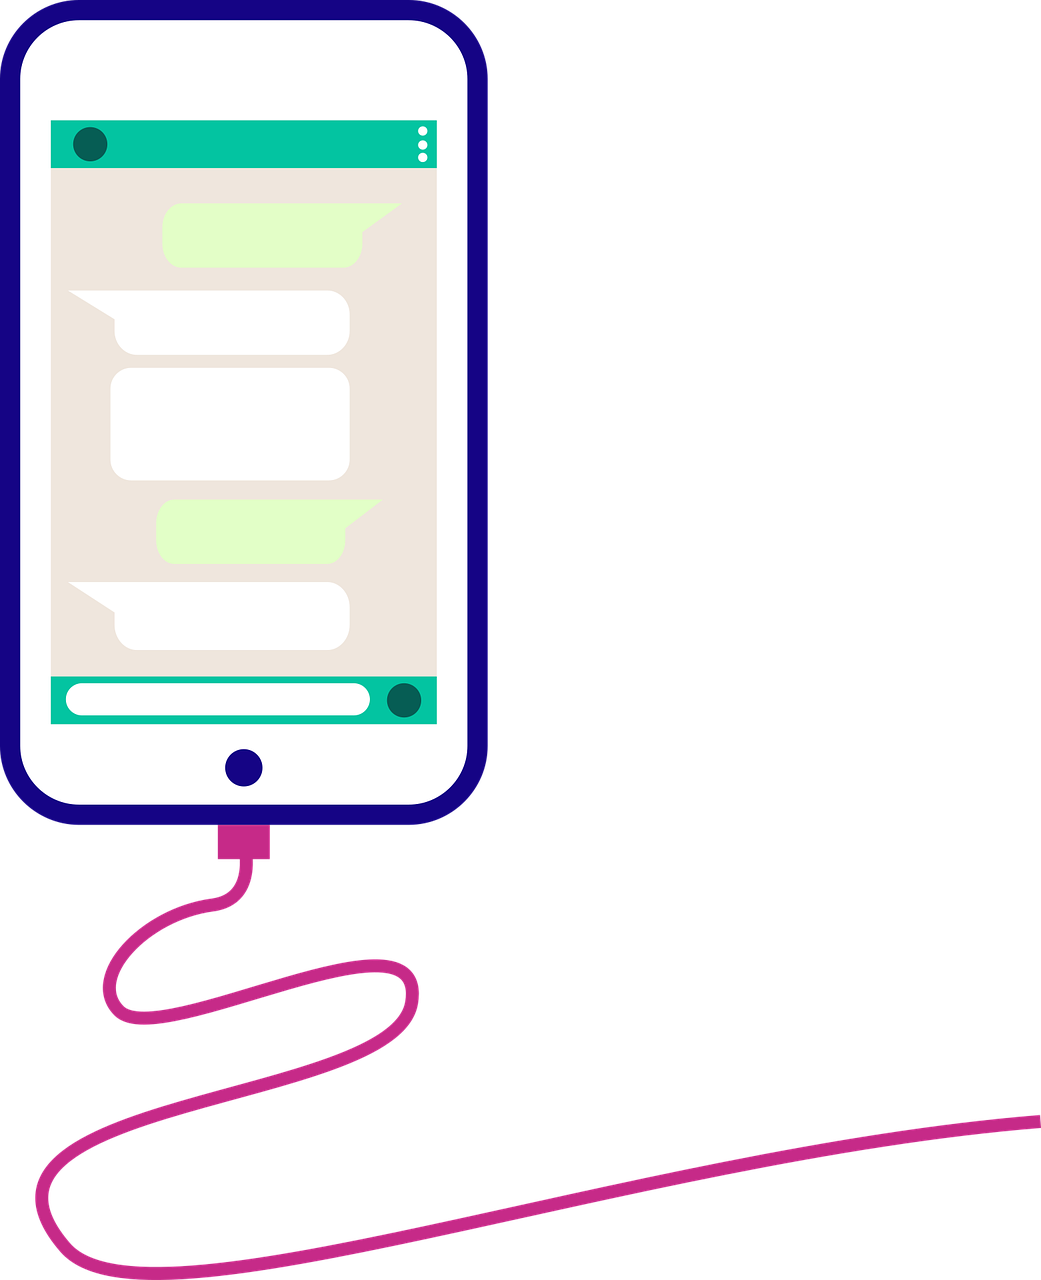 Chargeur universel pour smartphone imposé par l'Union européenne